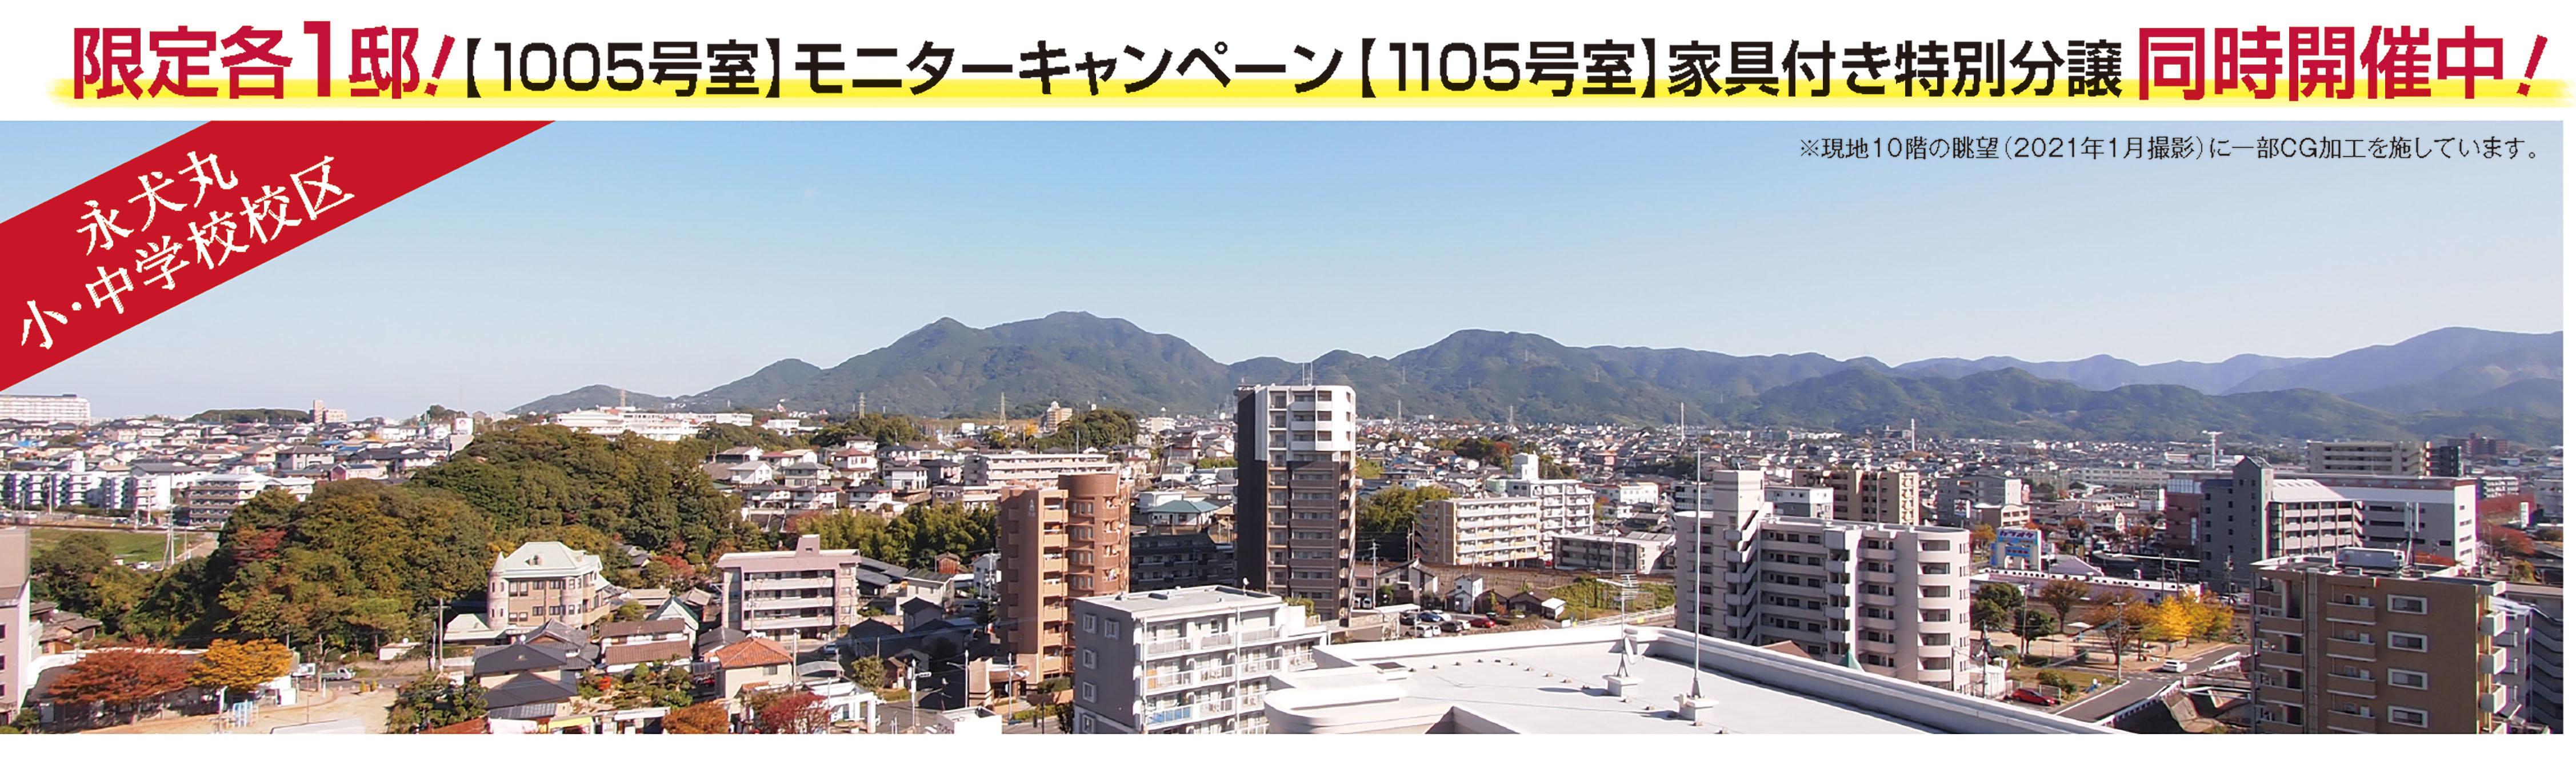 三ヶ森4.jpg